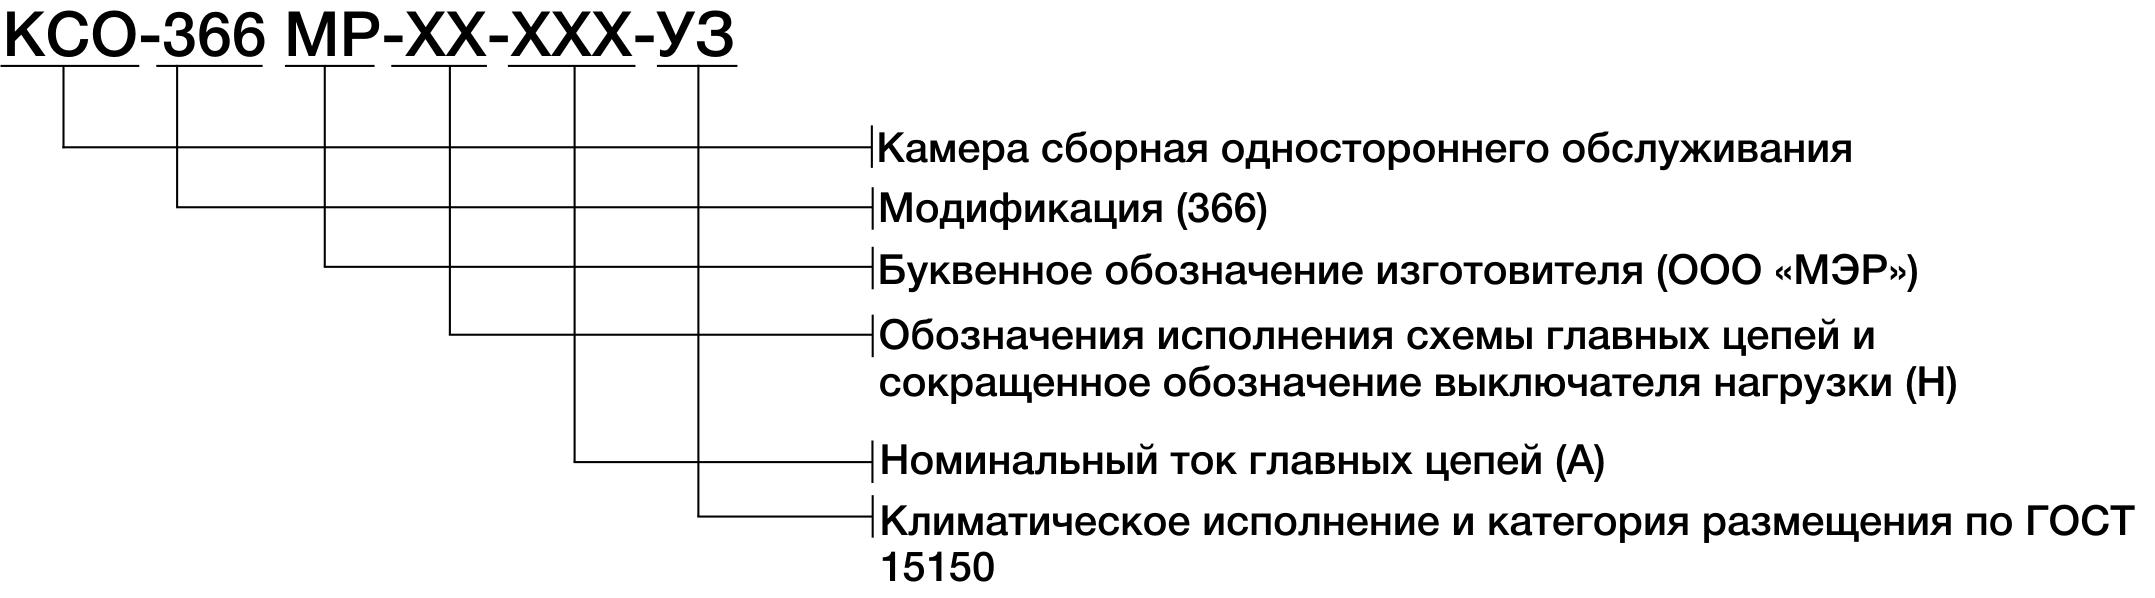 Структура условного обозначения КСО-366МР